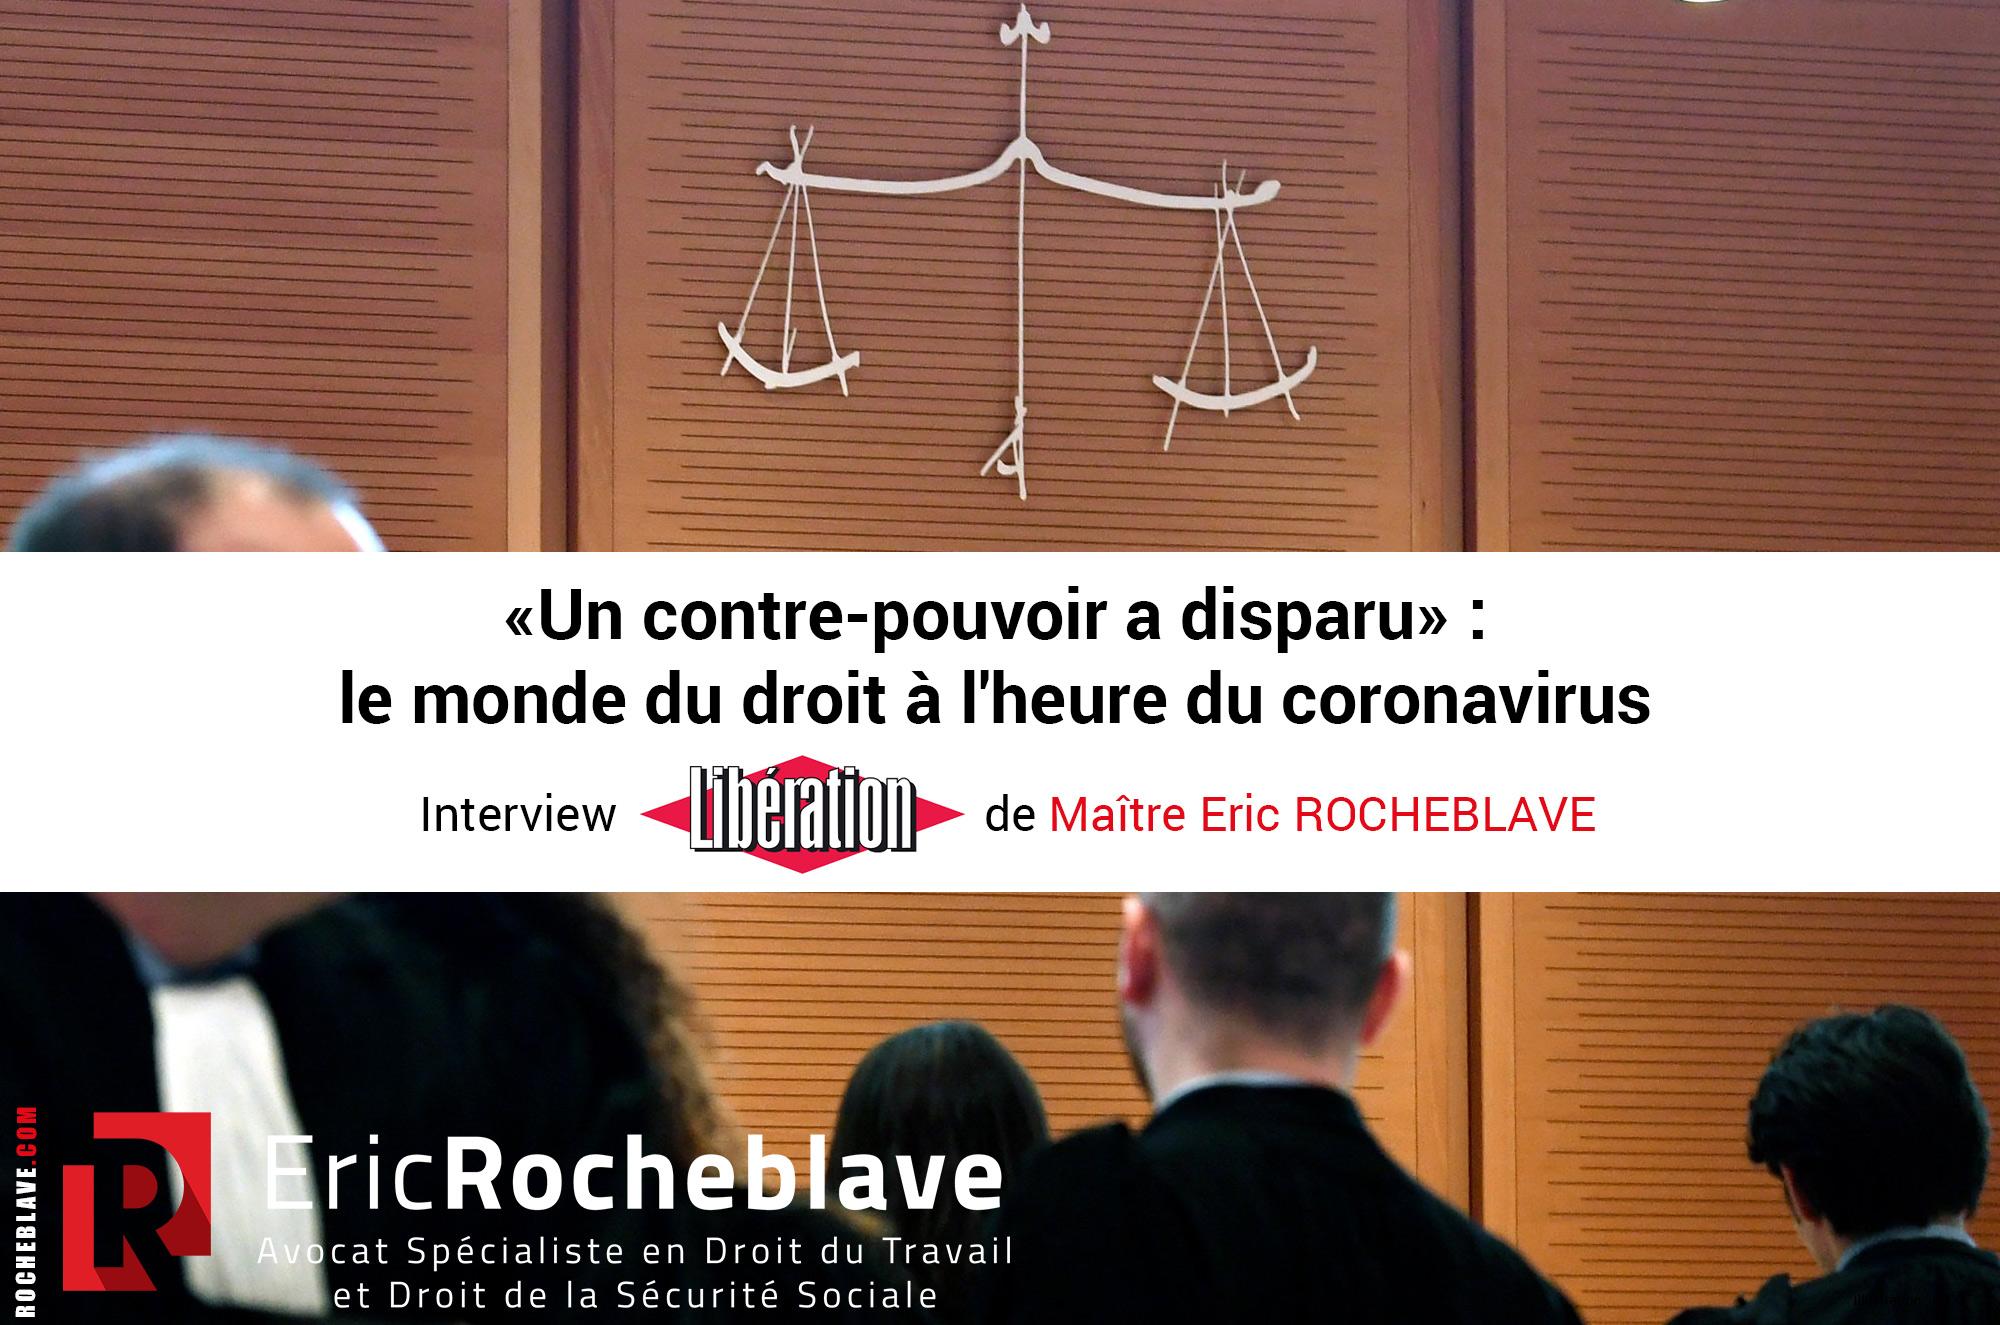 «Un contre-pouvoir a disparu» : le monde du droit à l'heure du coronavirus Interview Libération de Maître Eric ROCHEBLAVE